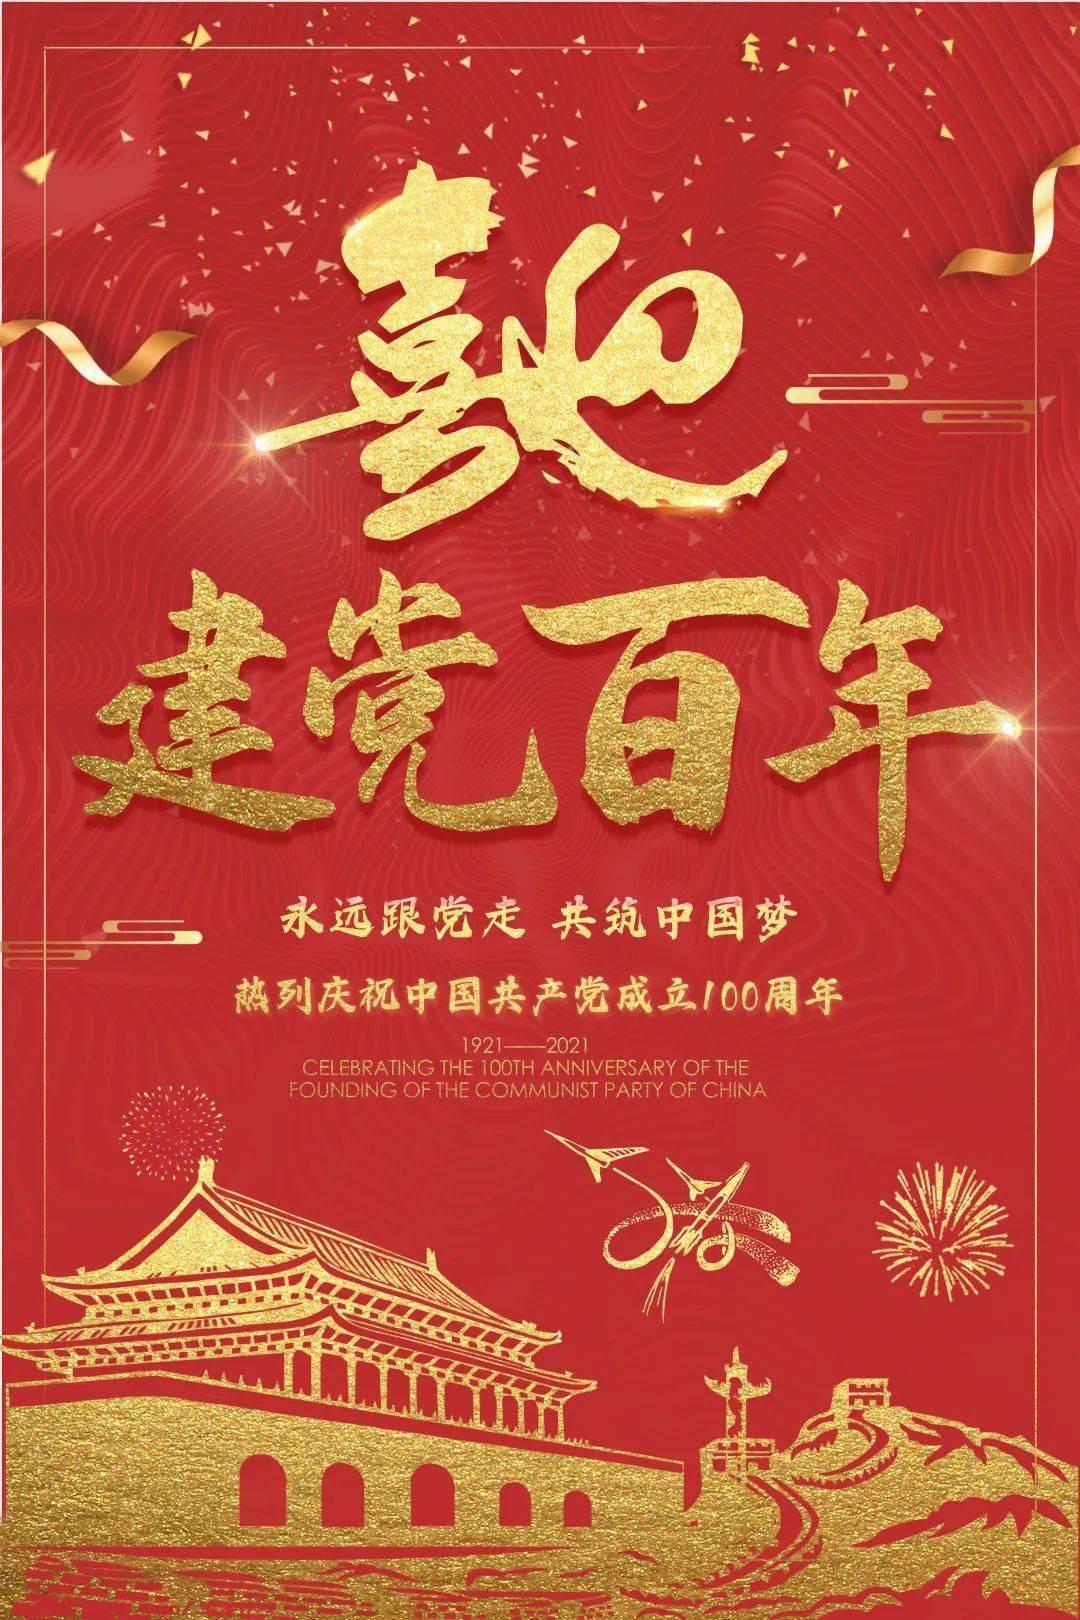 建党100周年祝福语 朋友圈文案、海报